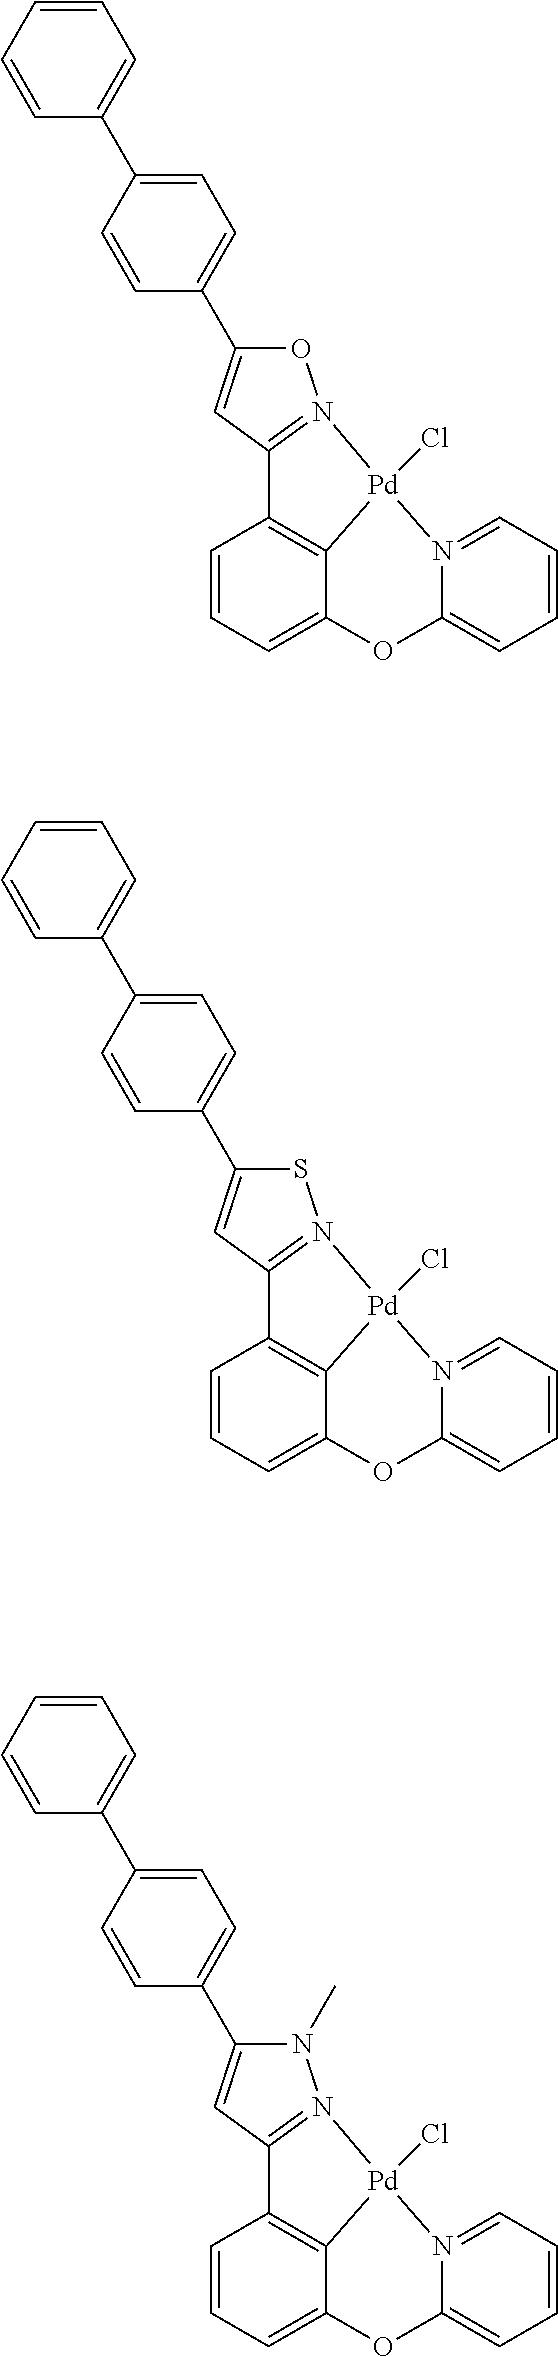 Figure US09818959-20171114-C00536